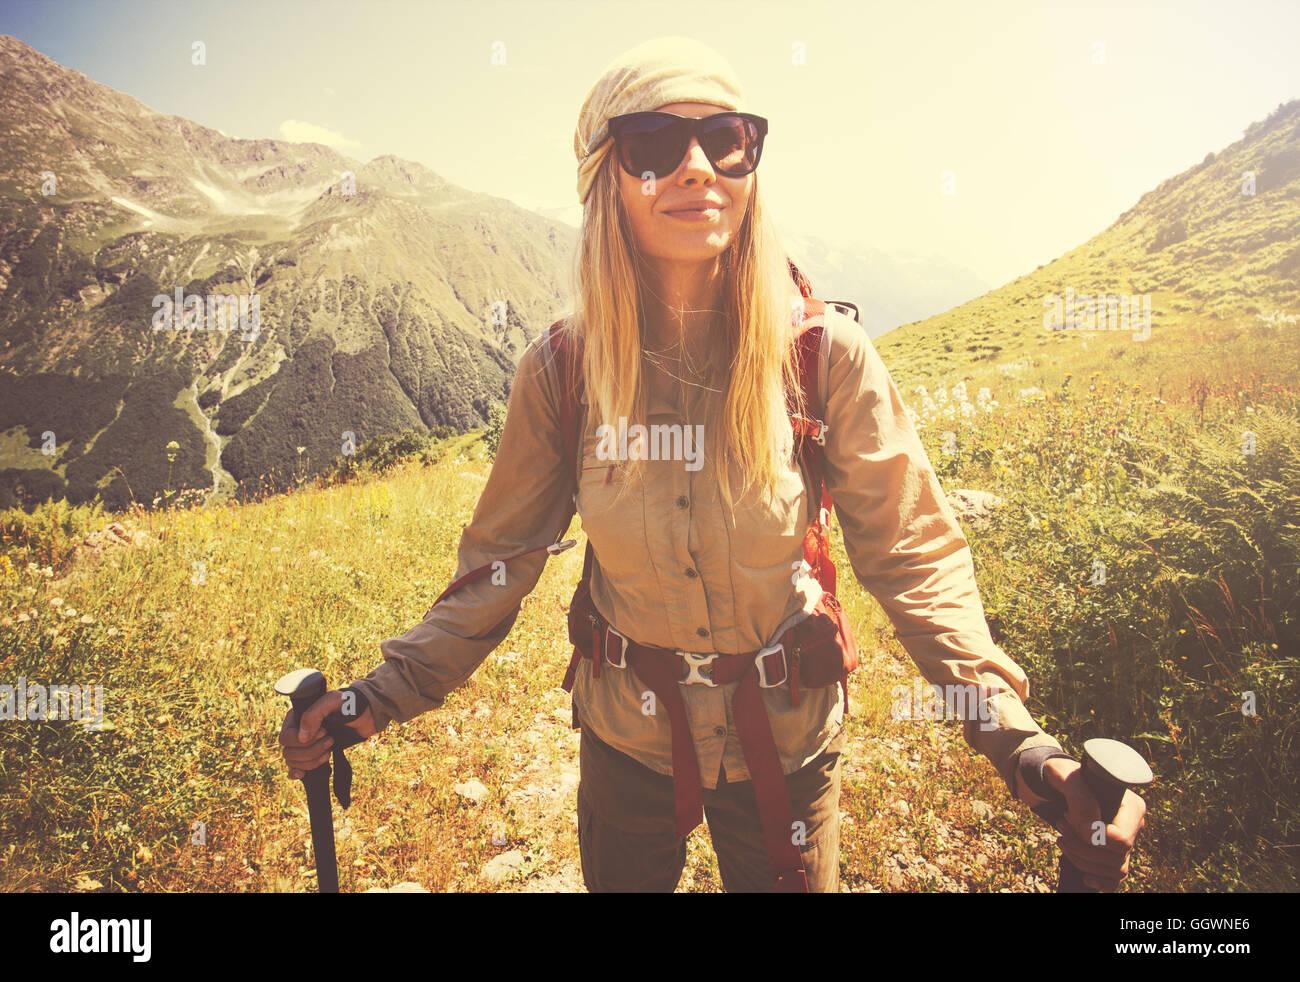 Glückliche Frau mit Rucksack wandern Reisen Lifestyle Konzept Urlaub im freien Bergen im Hintergrund Sonnentag Stockbild